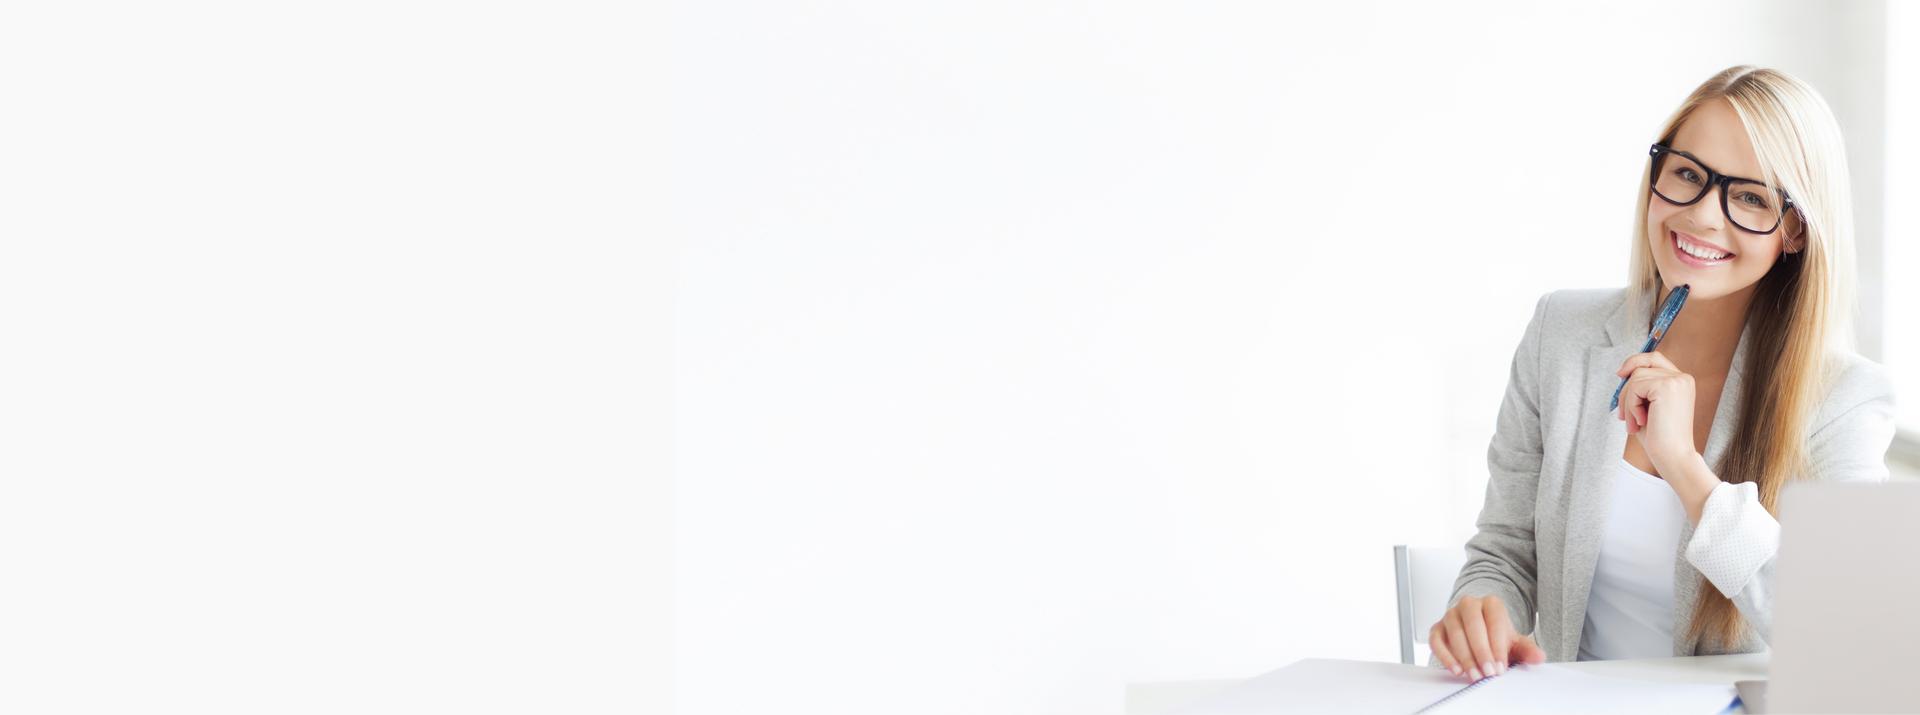 Blonde Frau mit Brille hält einen Kugelschreiber und lächelt fröhlich